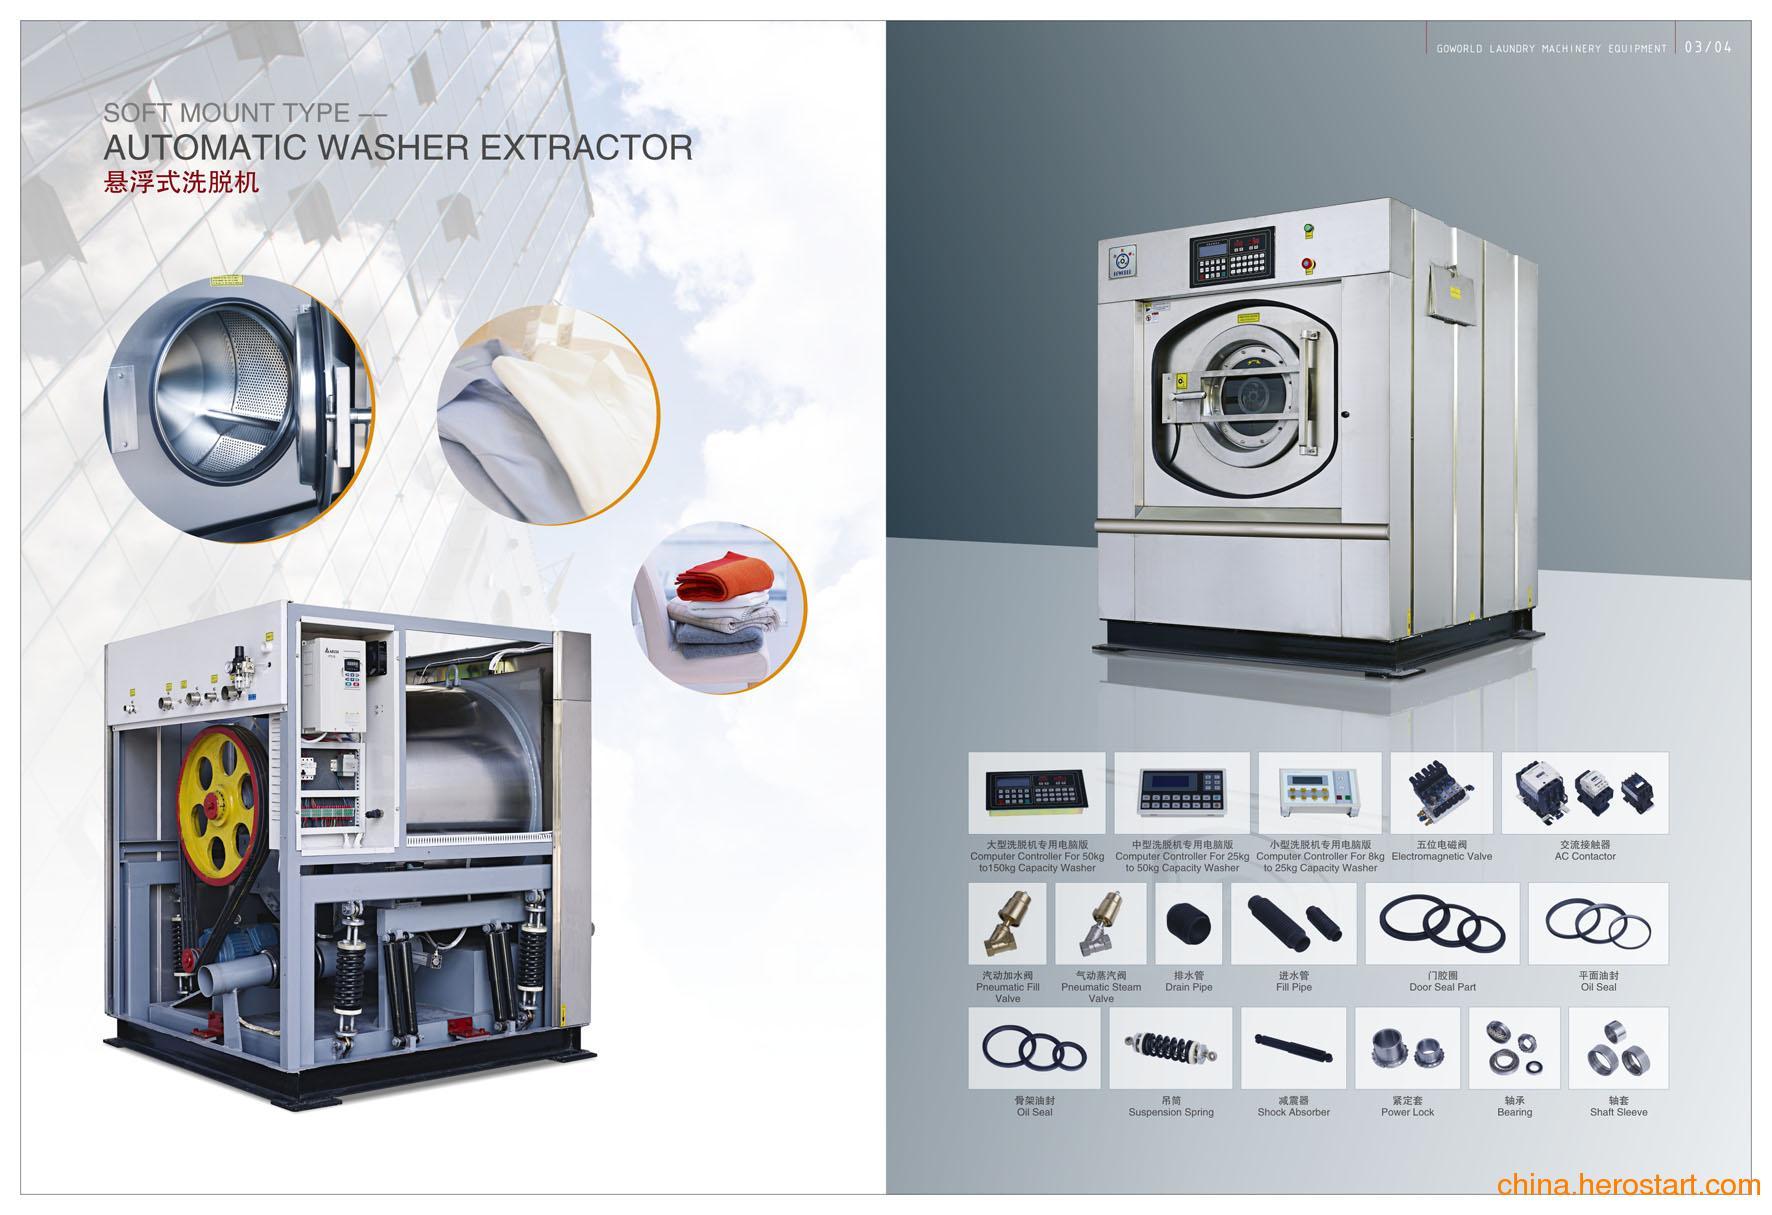 供应广东梅州全自动工业洗衣机厂家价格